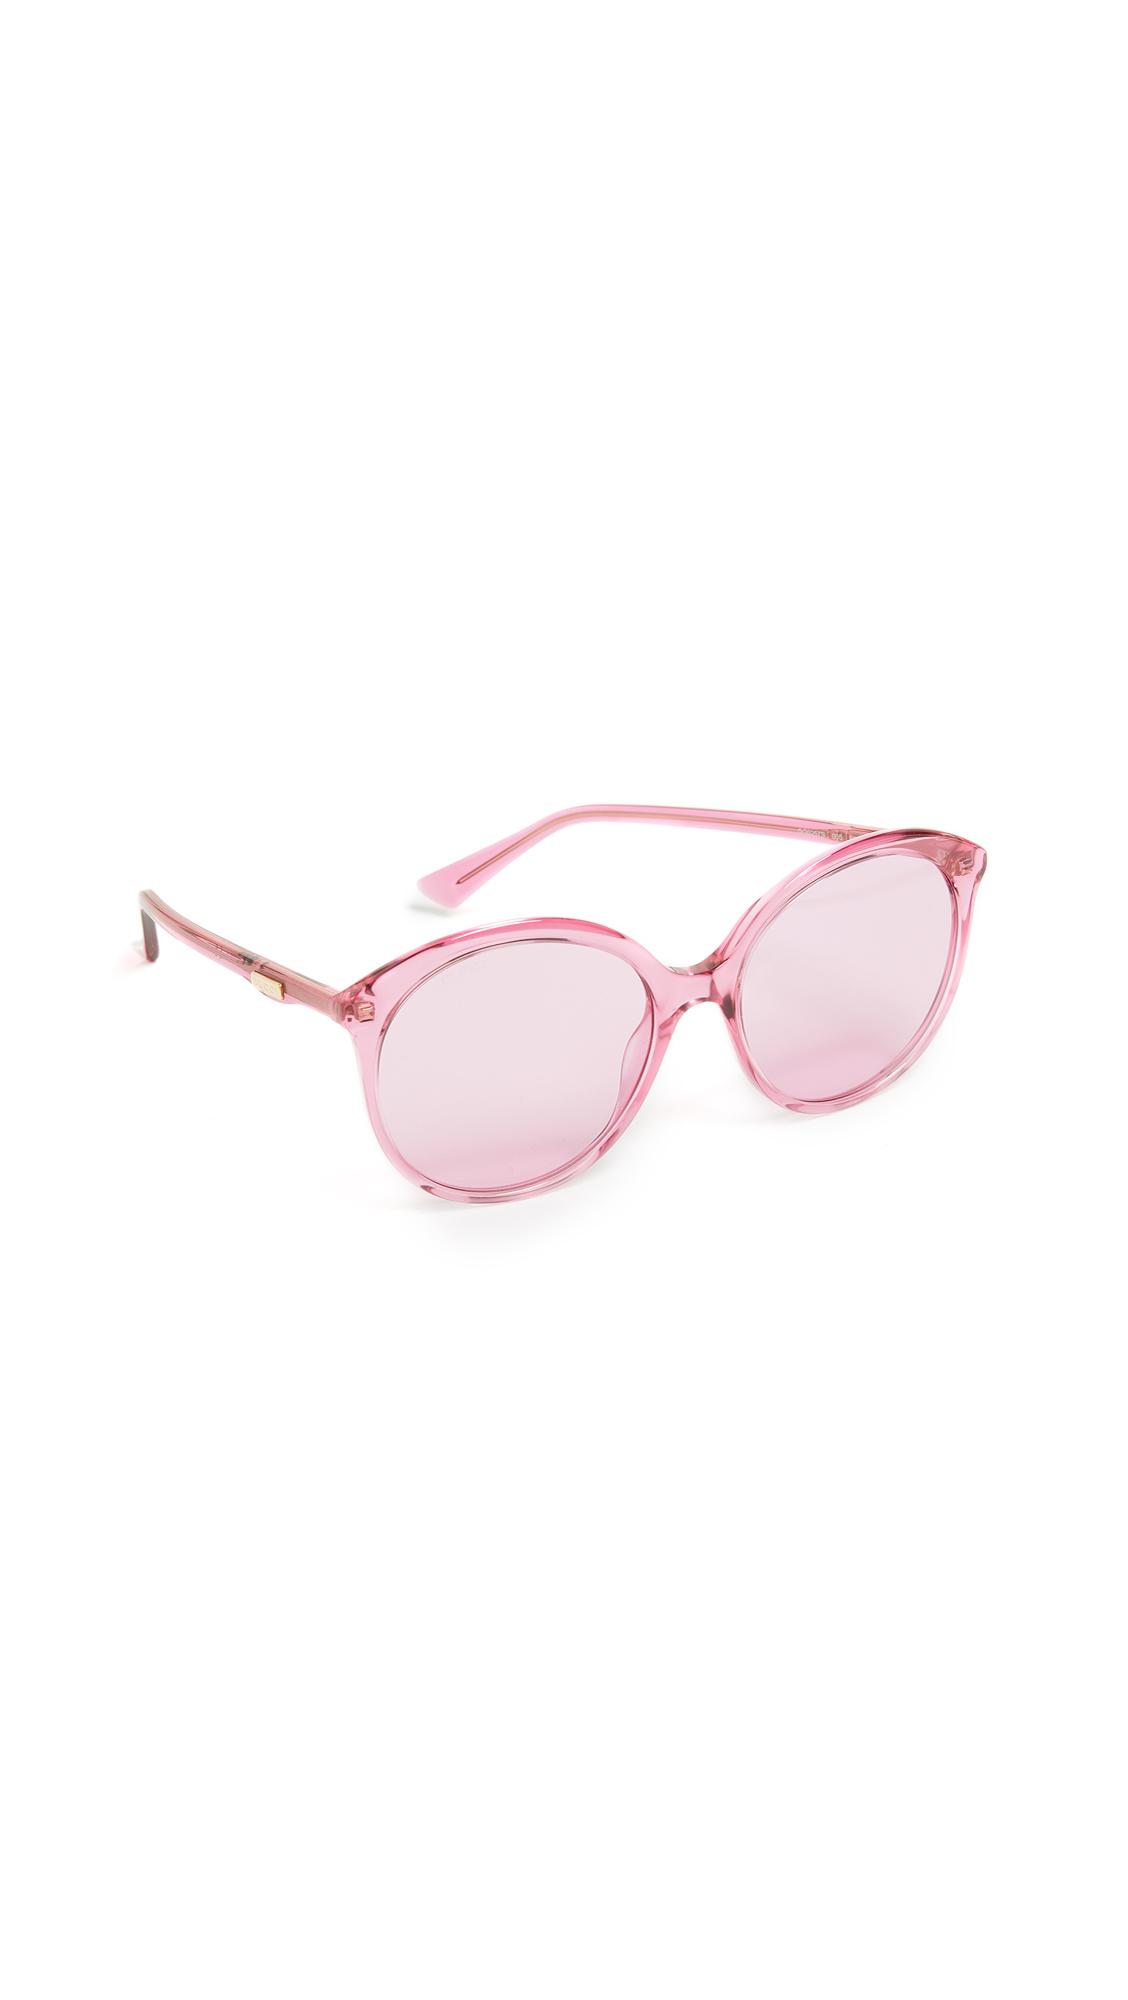 5b86660d58f Gucci Round Monocolor Sunglasses